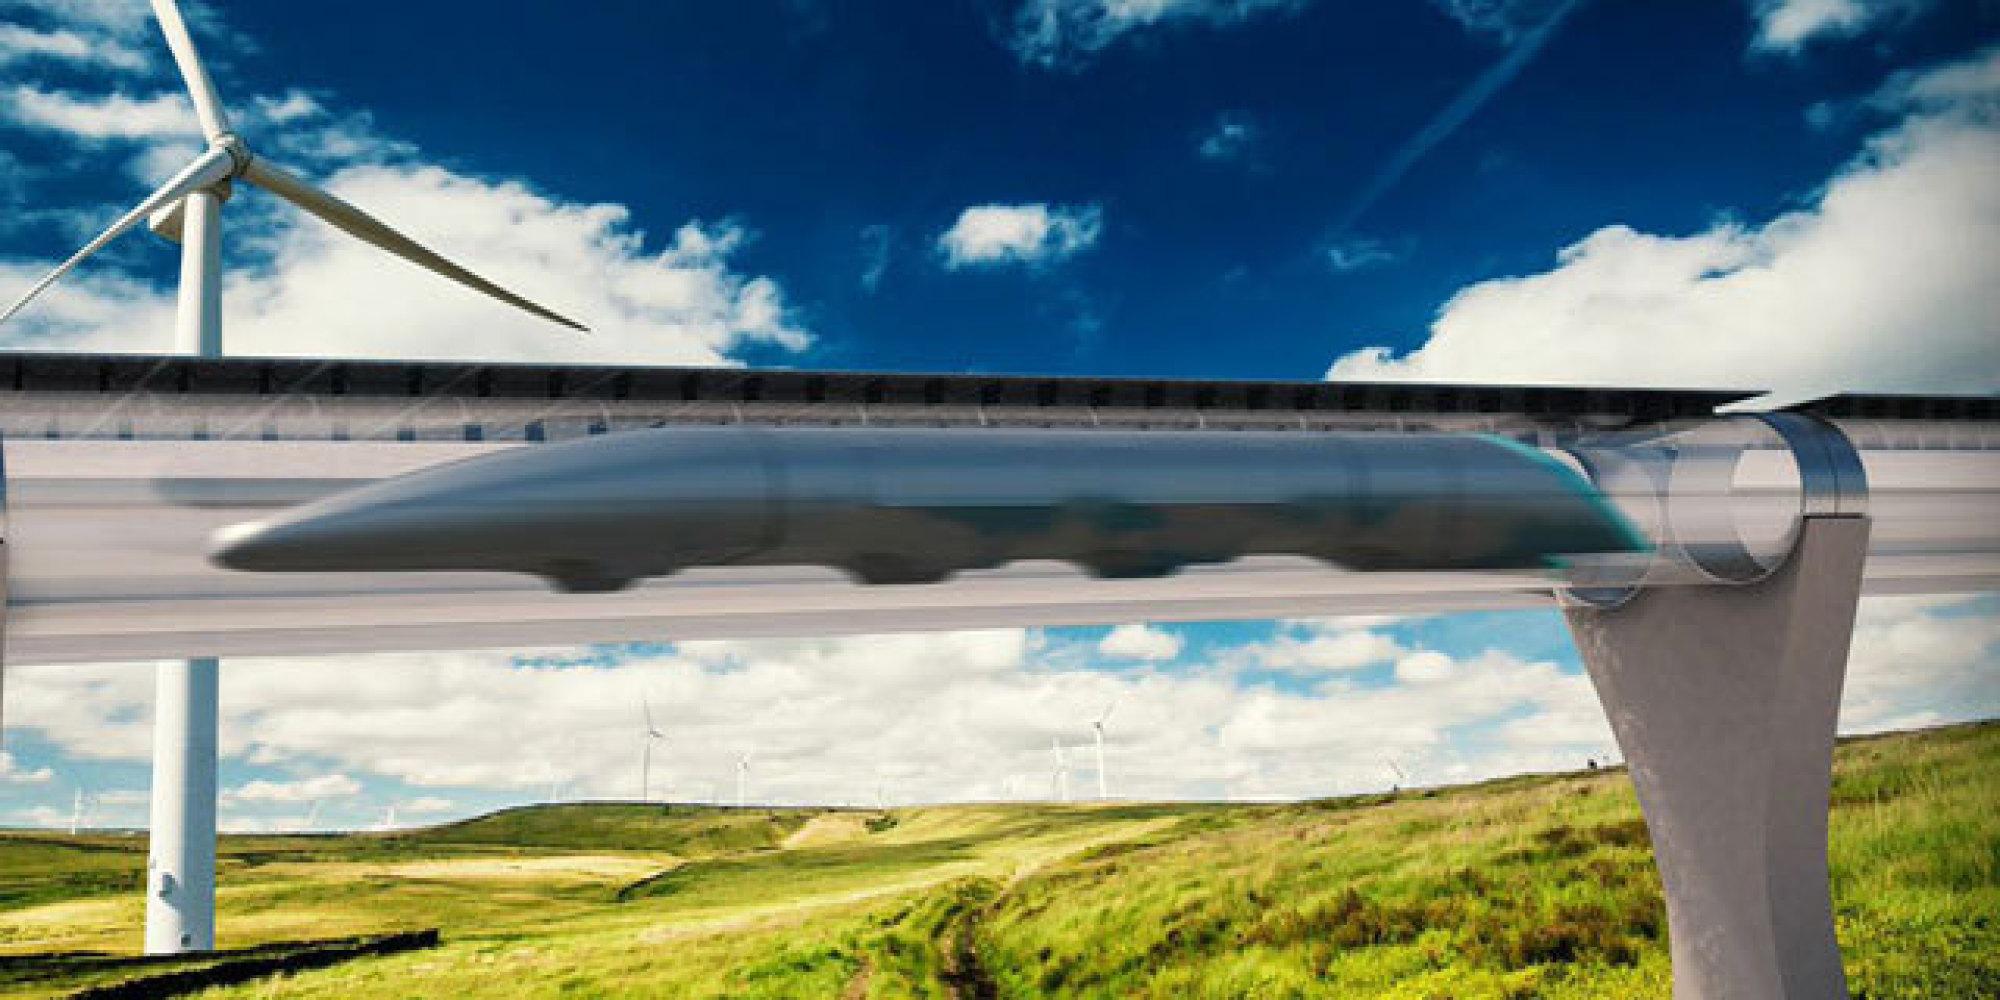 Proposed hyperloop